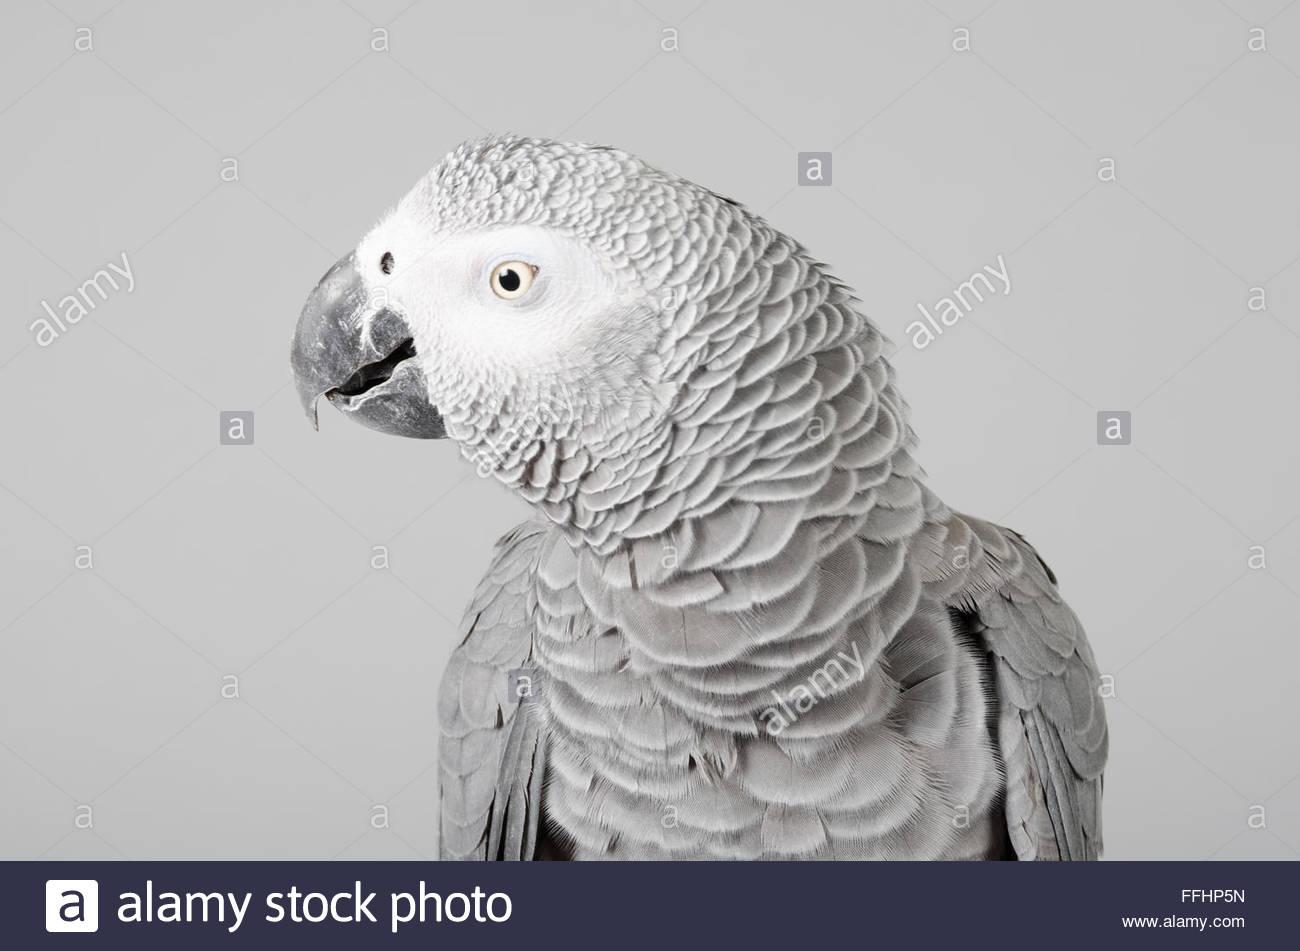 Homme perroquet gris d'Afrique. Photo Stock